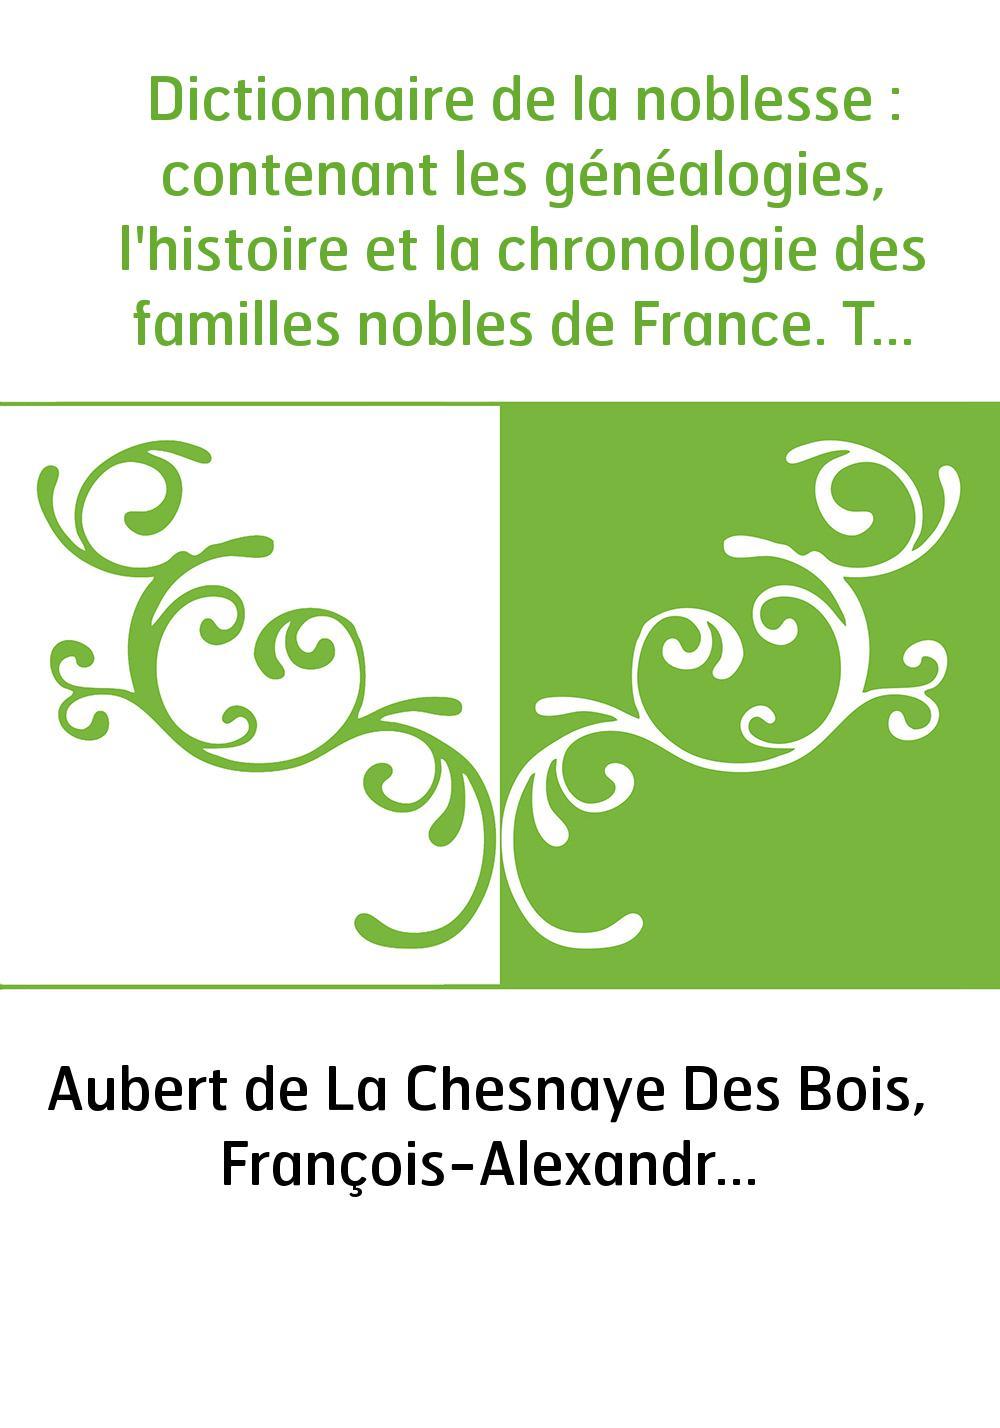 Dictionnaire de la noblesse : contenant les généalogies, l'histoire et la chronologie des familles nobles de France. Tome 1 / pa